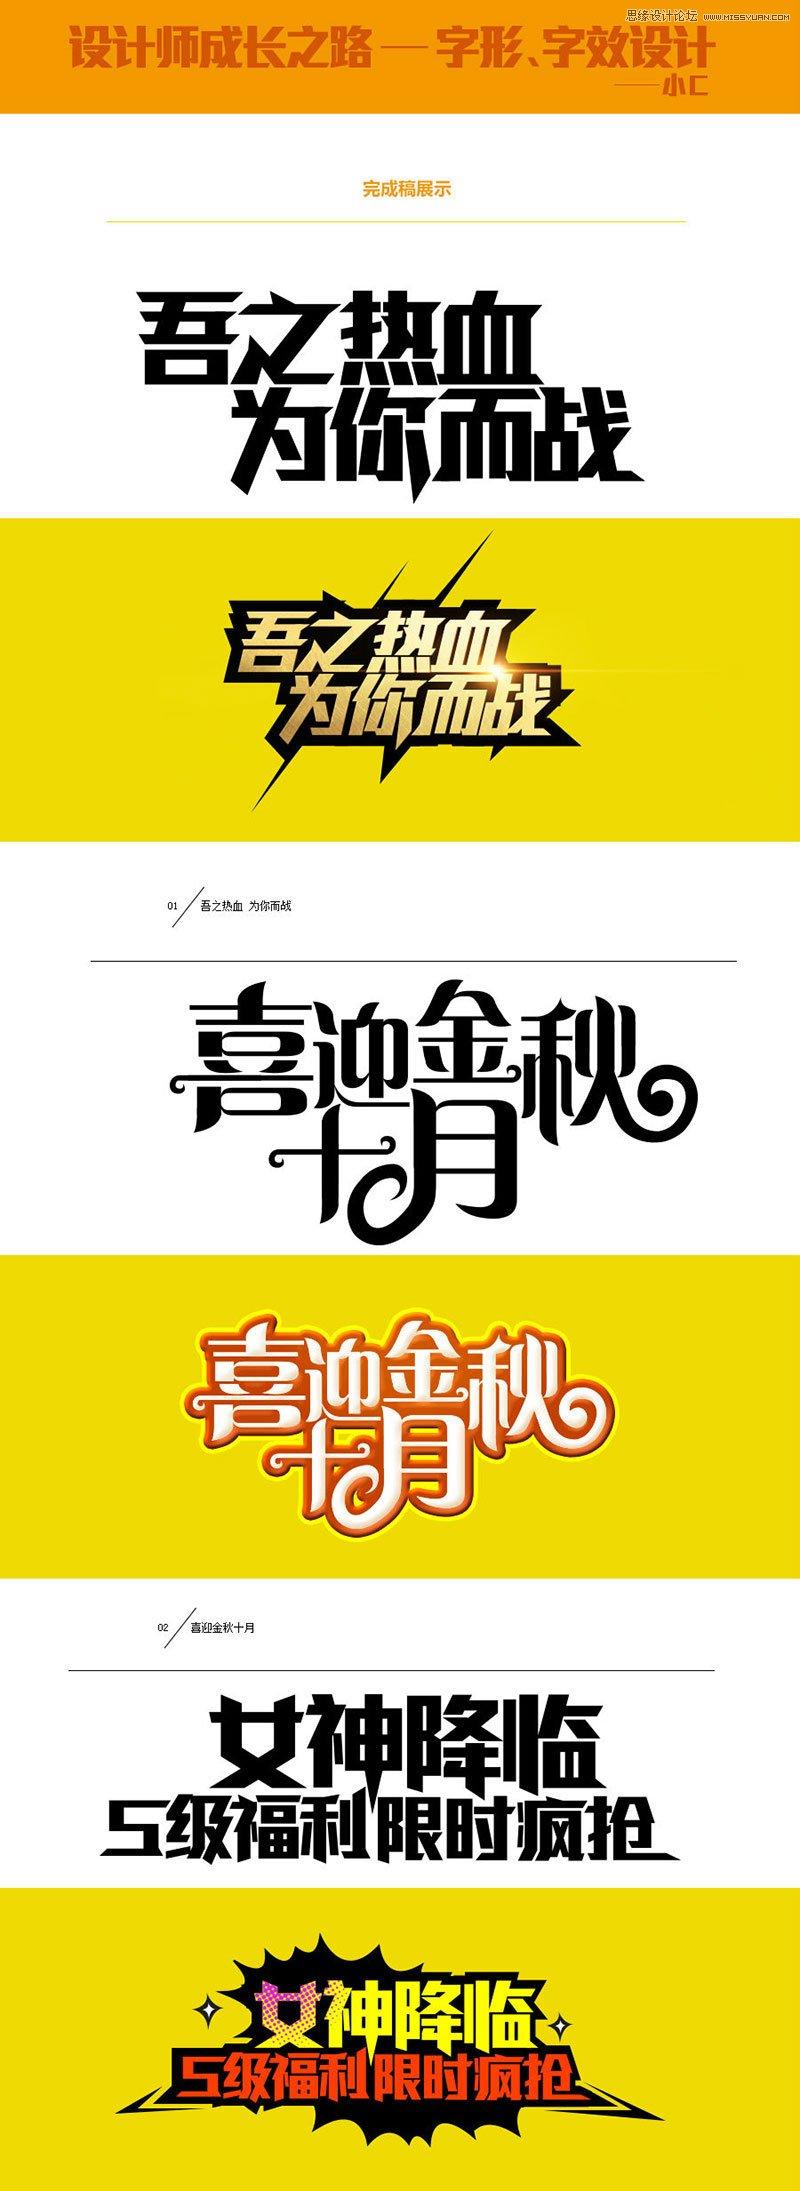 详细解析中文海报字体设计心得技巧